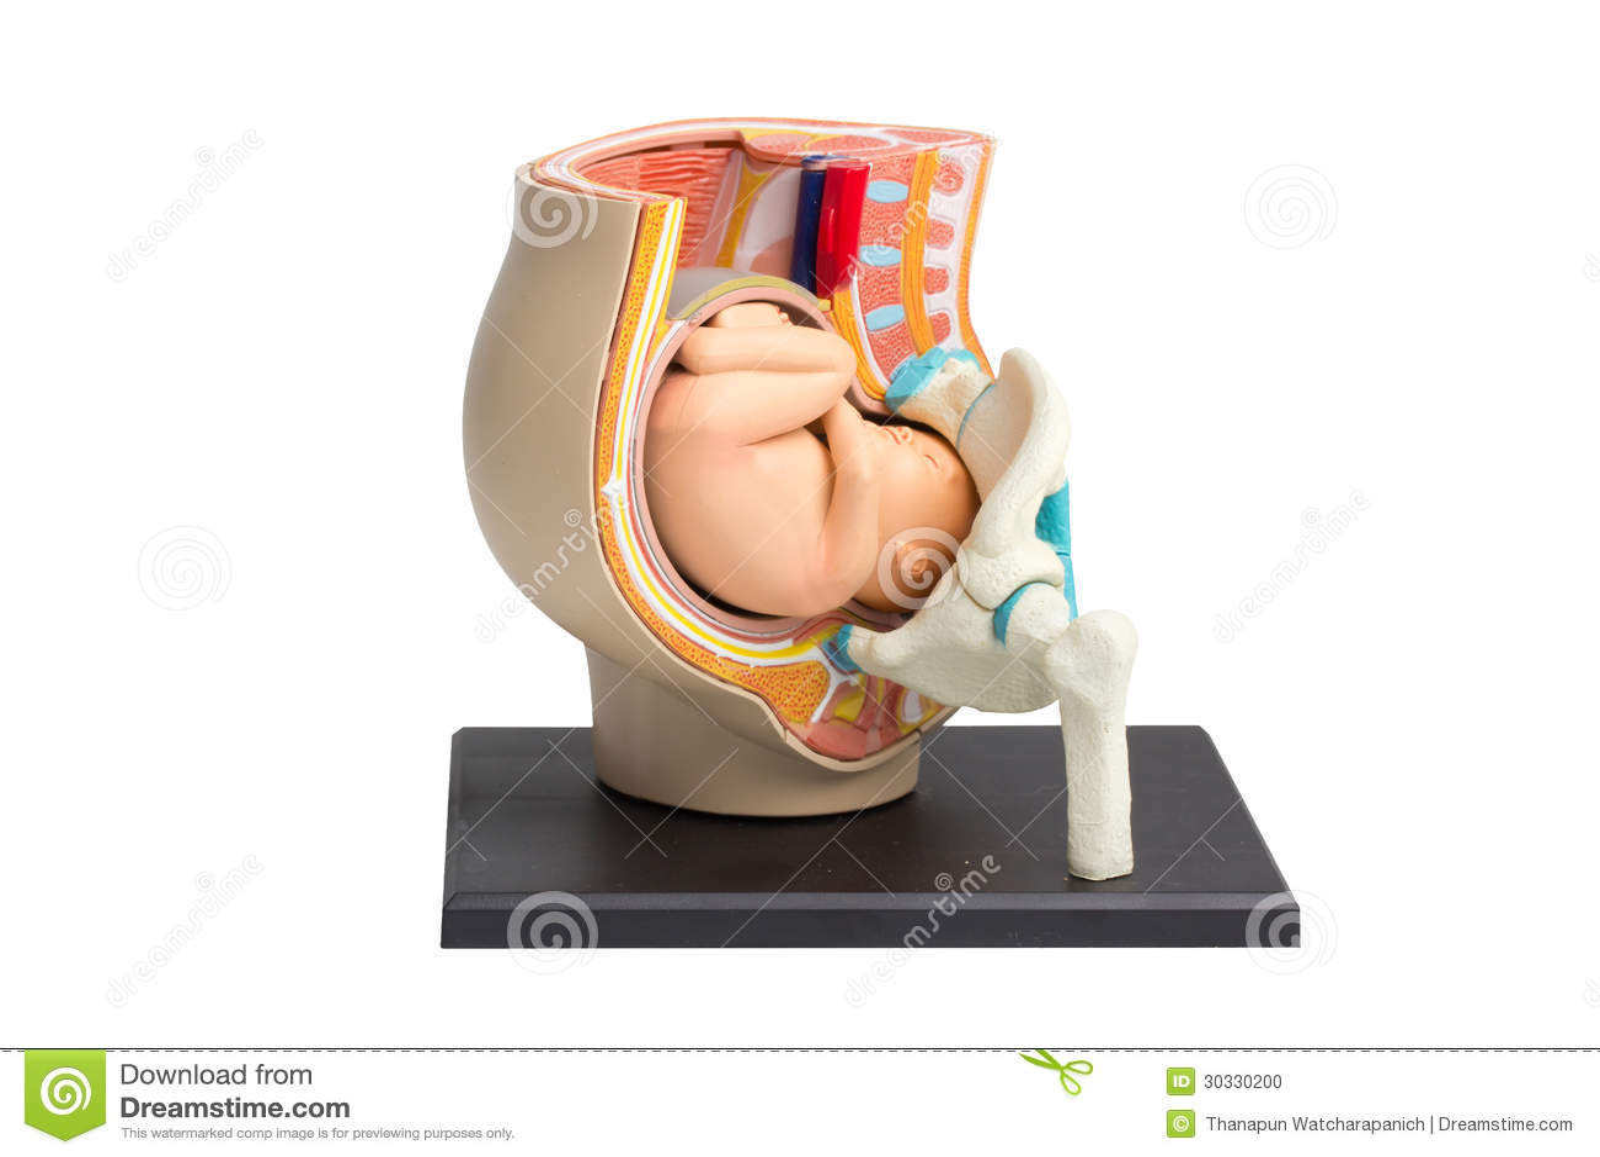 怀孕骨盆在白色背景的解剖学模型与工作轻拍